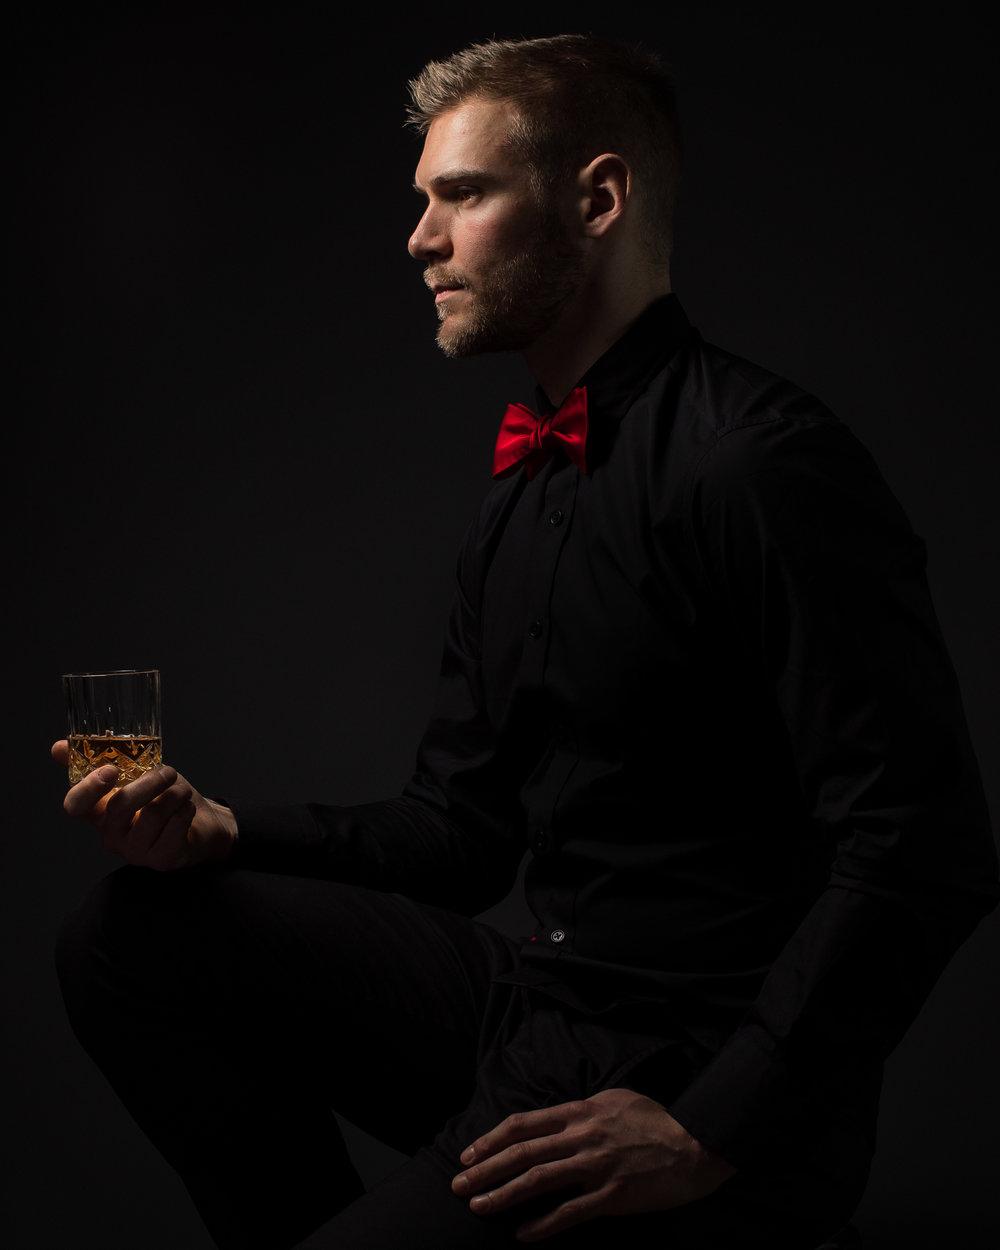 Model: Daniel Demelos